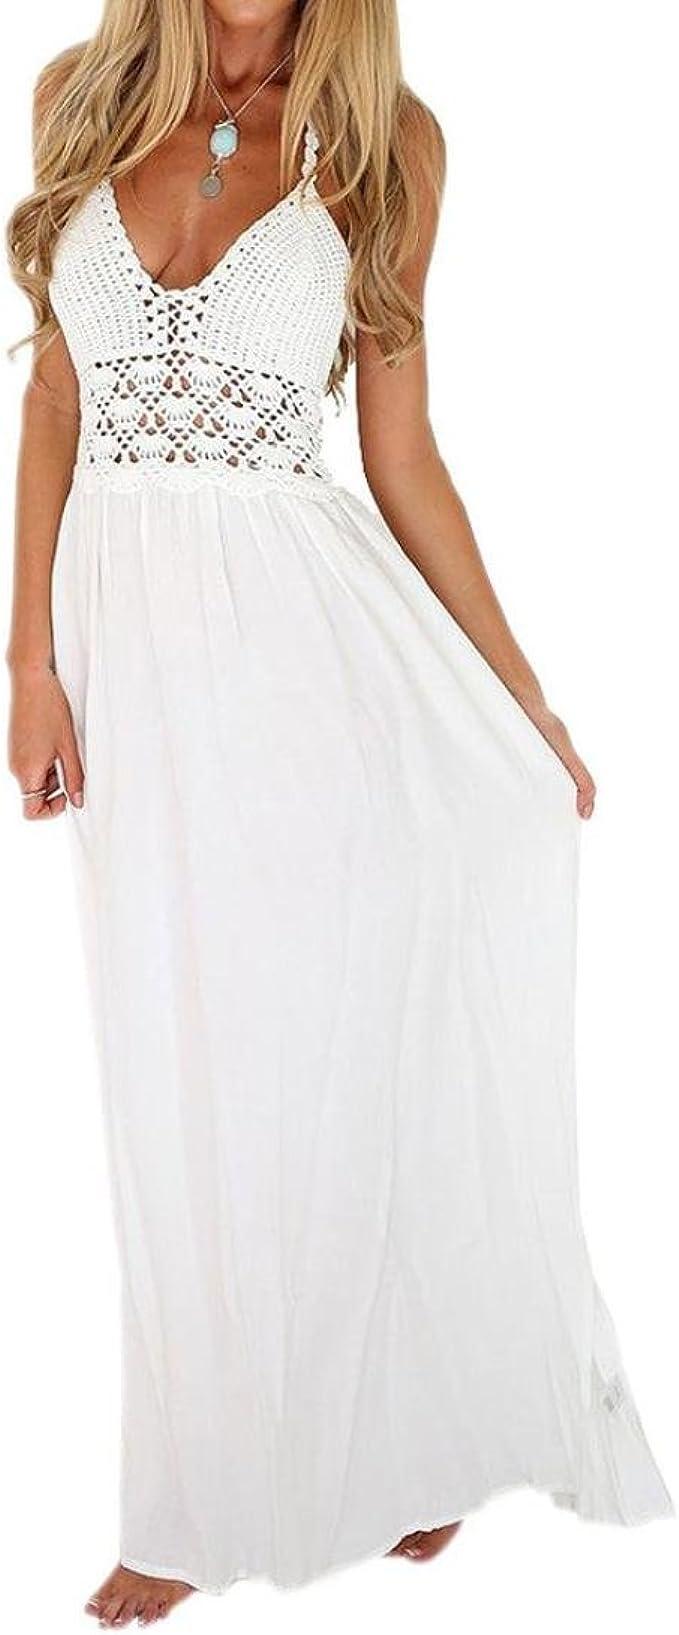 Weißes Häkeln Strickkleid Goosun Boho Rückenfrei A-Linie Neckholder Kleid  Lange Strandkleid knöchellange Maxikleid Sommerkleider Schulterfreies